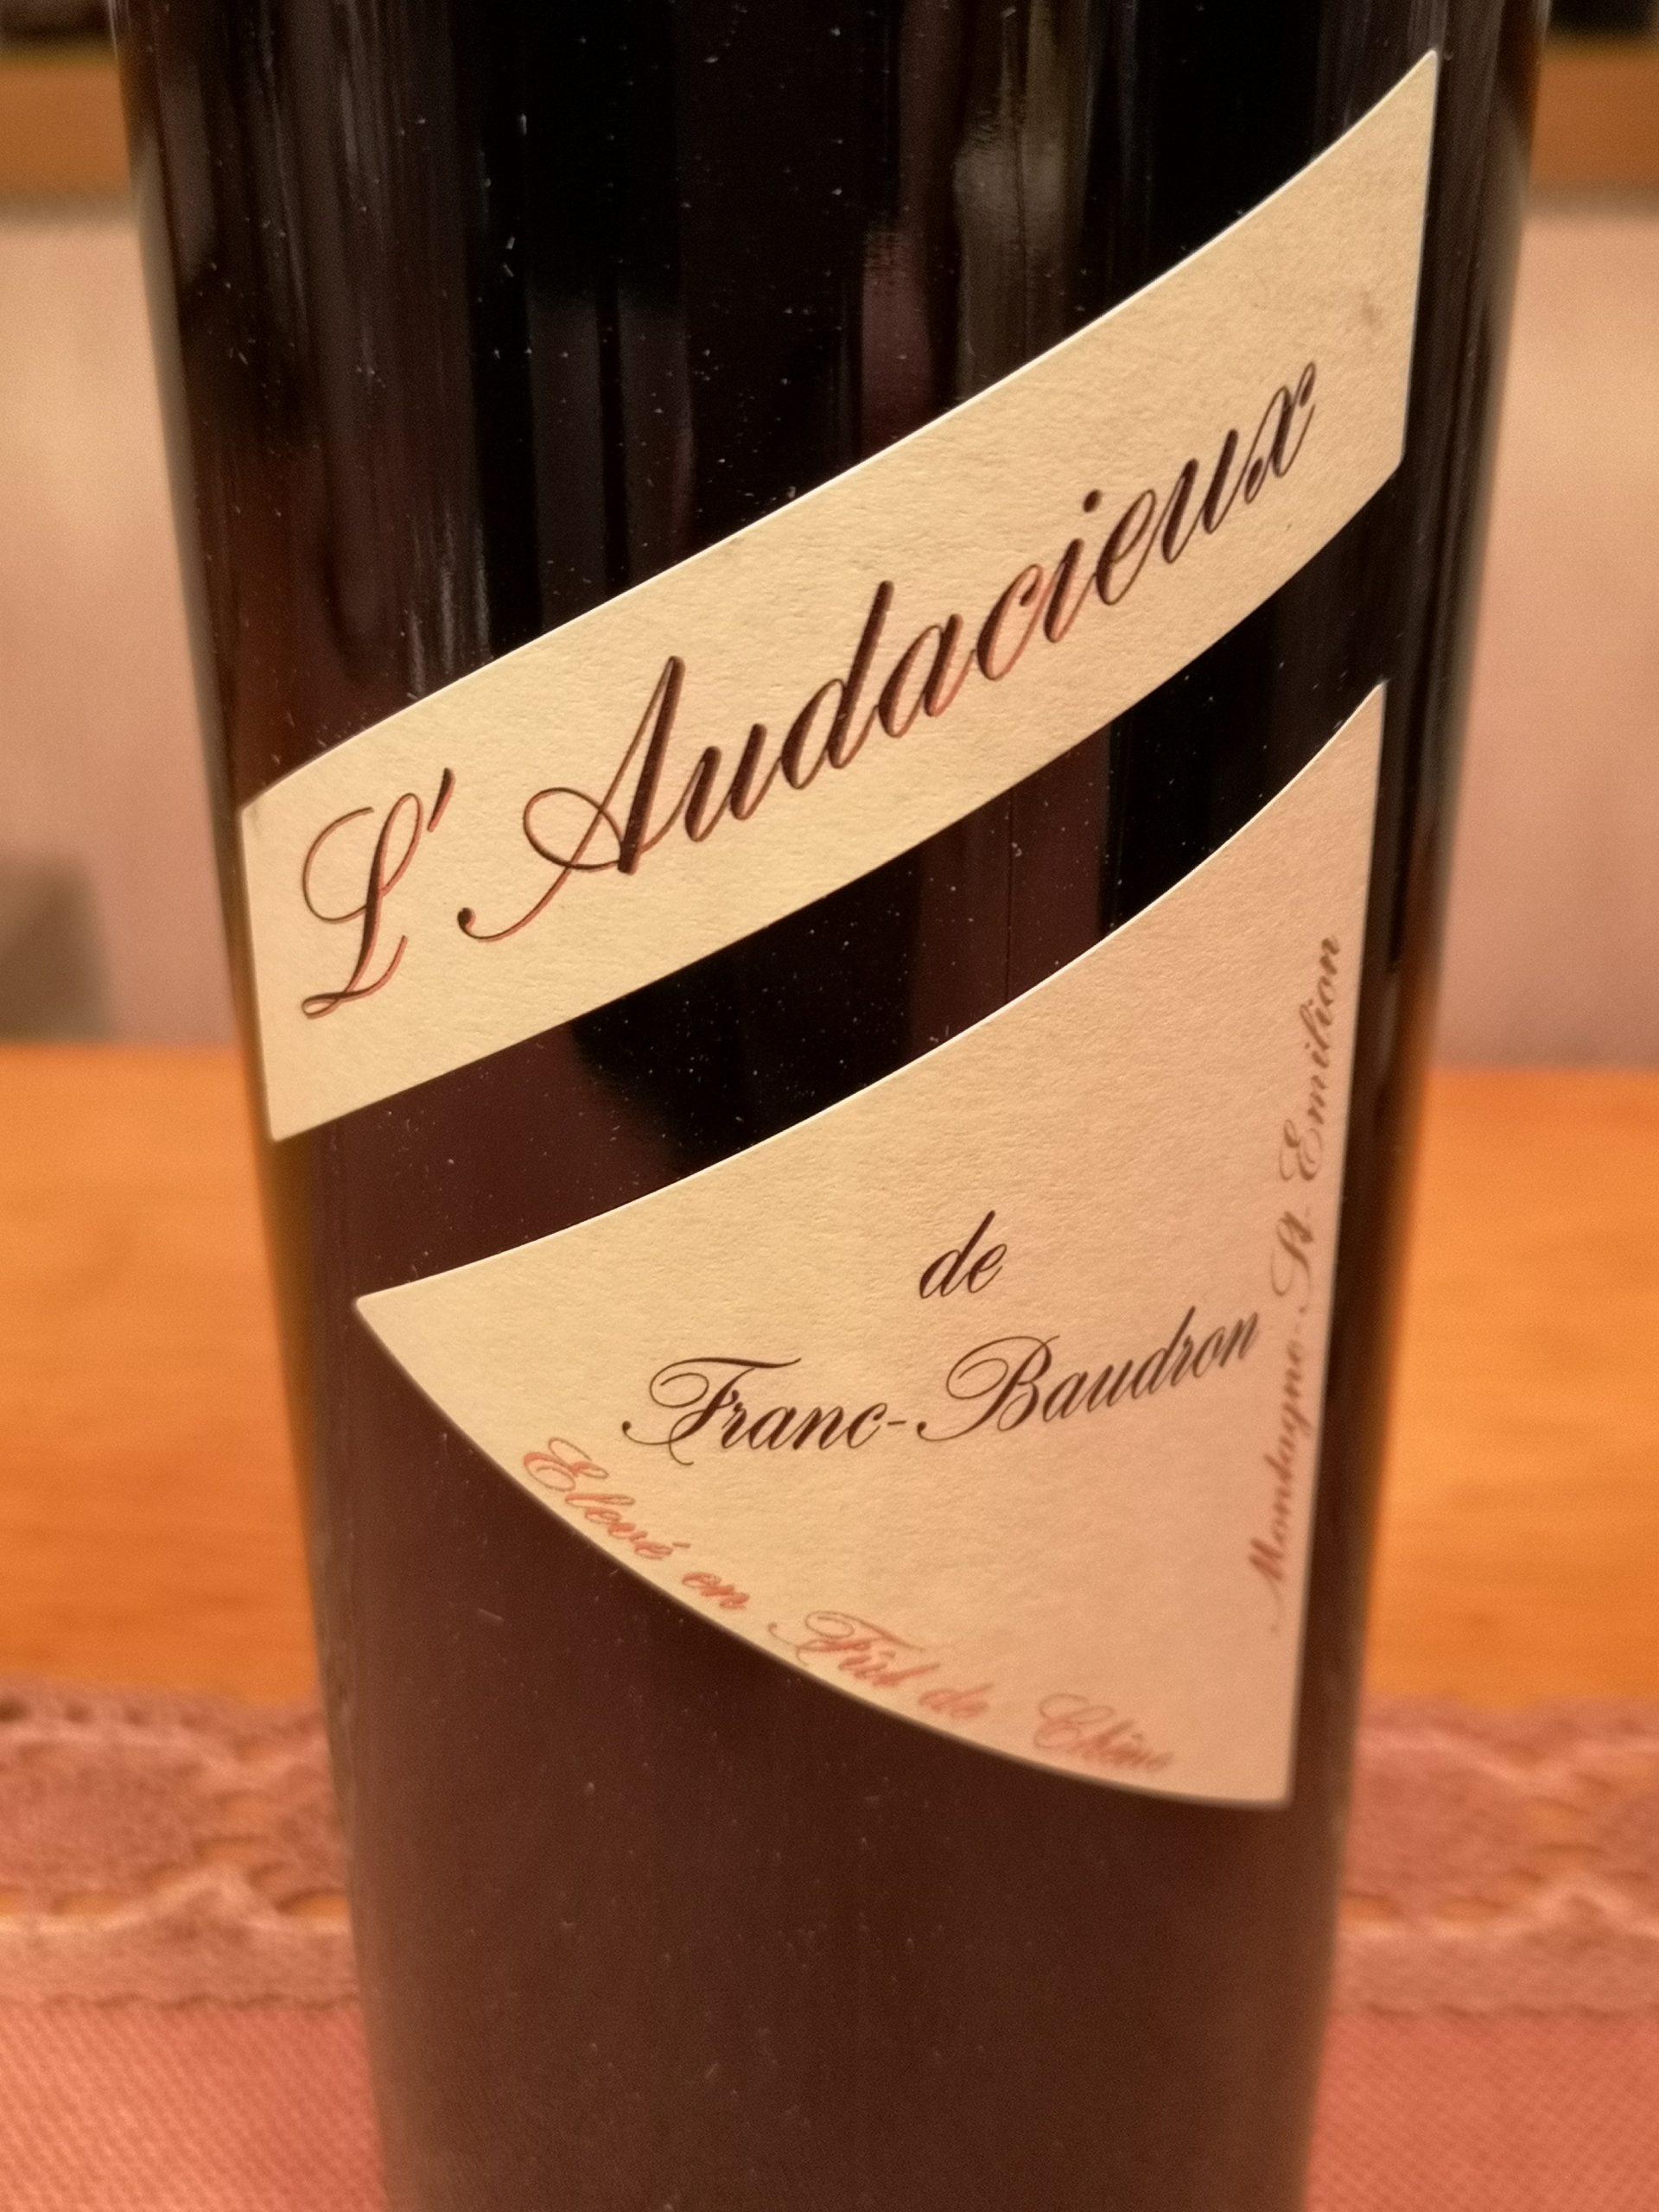 2015 L'Audacieux   Franc-Baudron